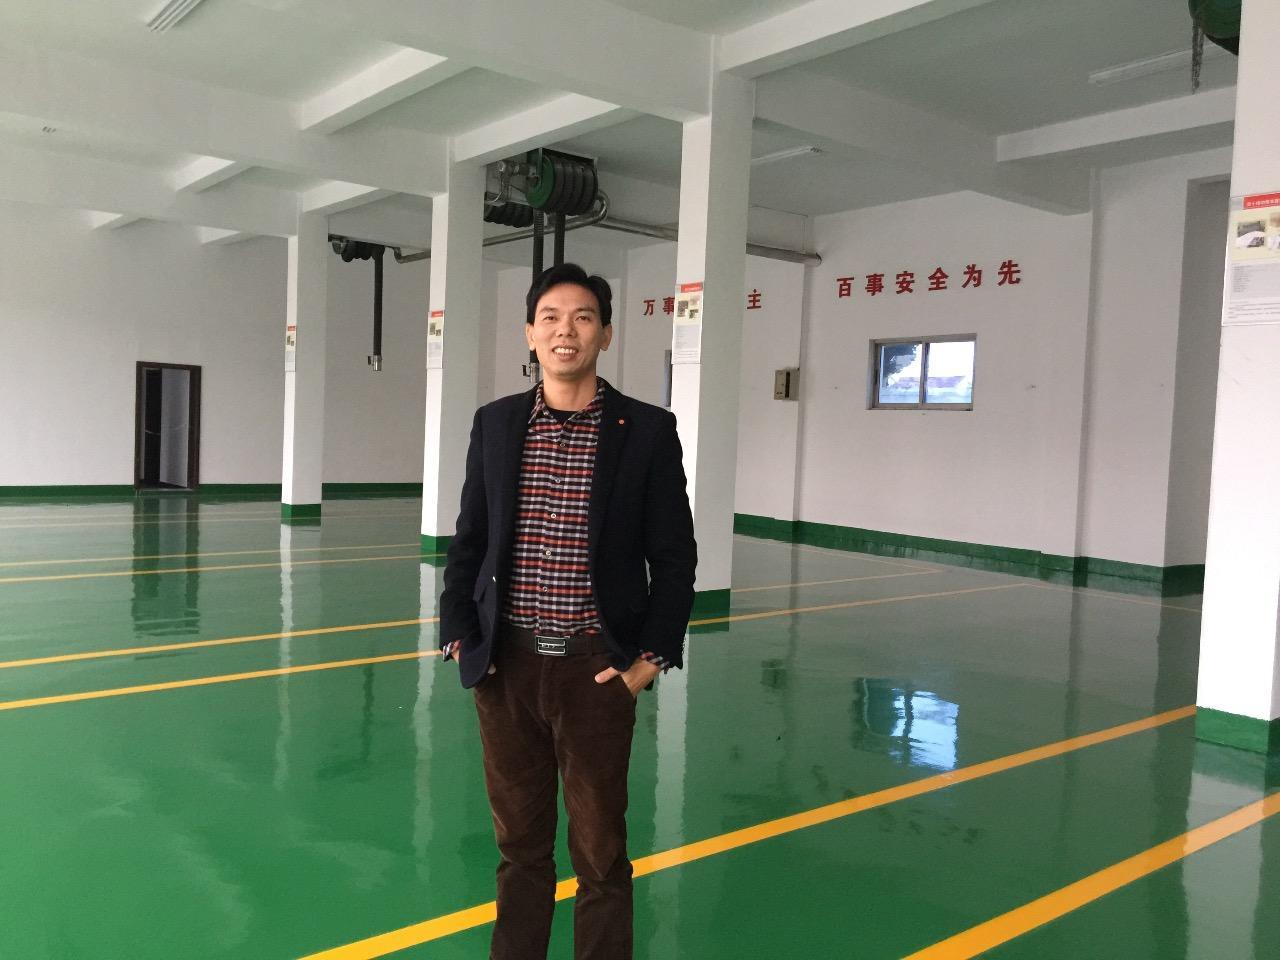 南通海森建筑装饰工程有限公司